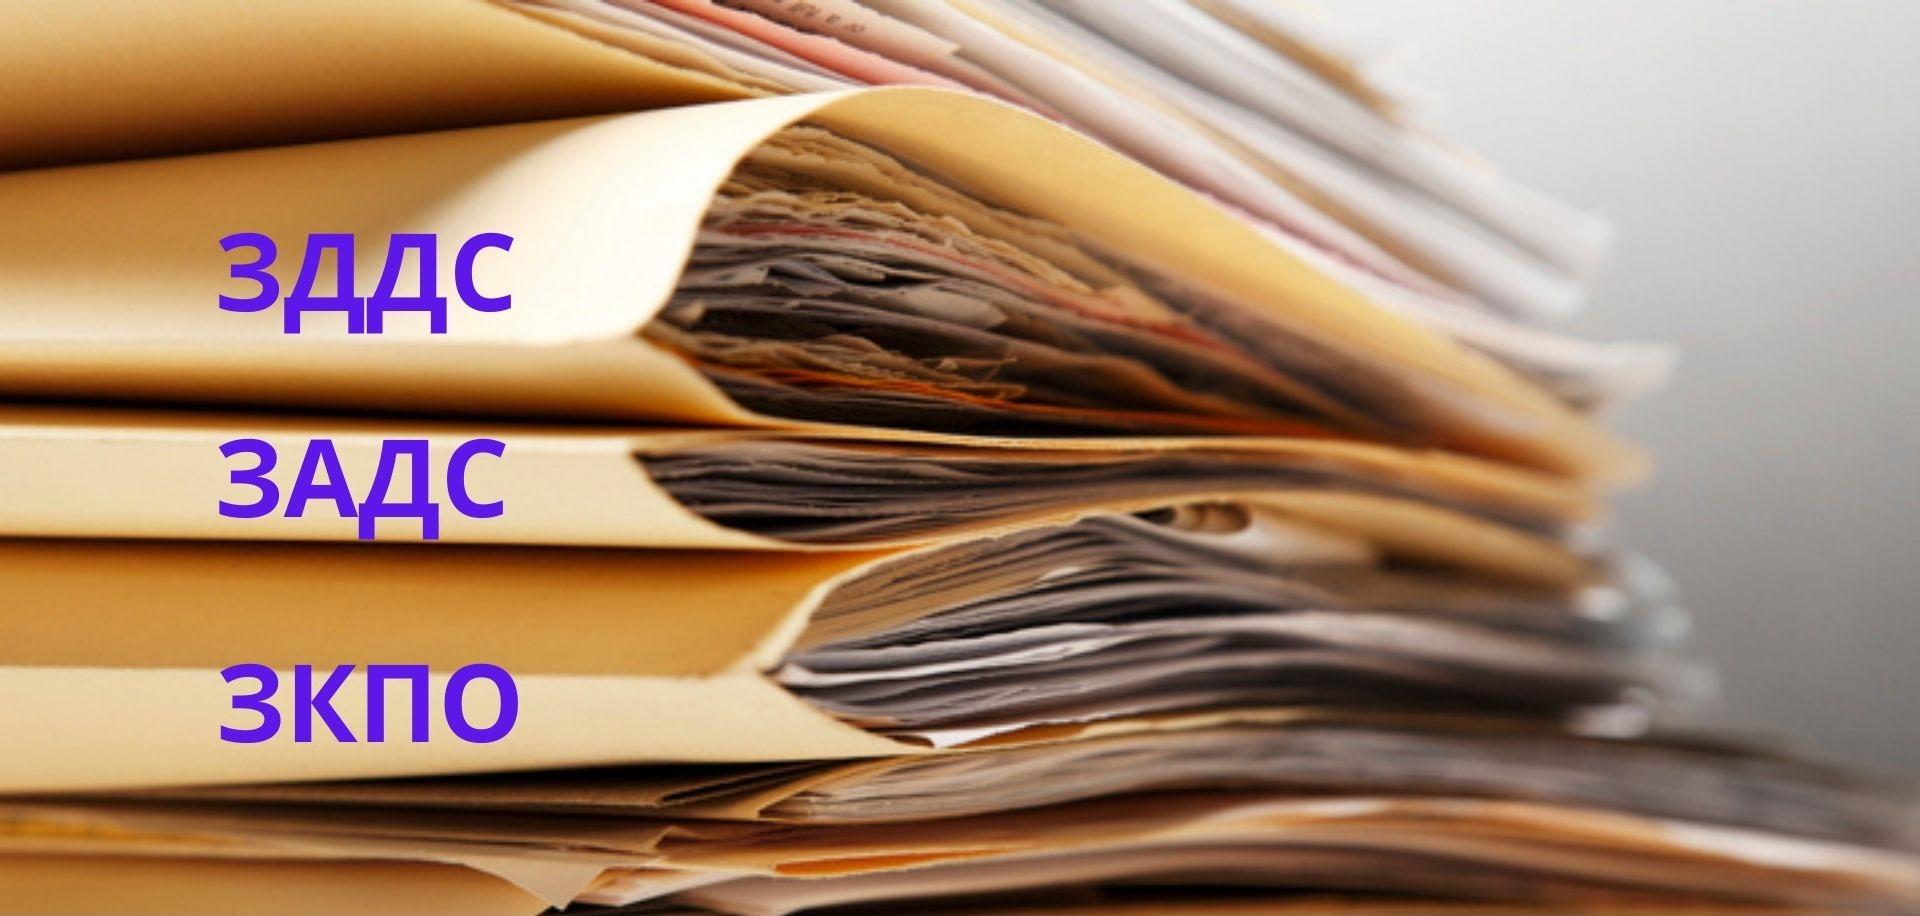 МФ публикува за обществено обсъждане законопроекти за промени в ЗДДС, ЗАДС и ЗКПО